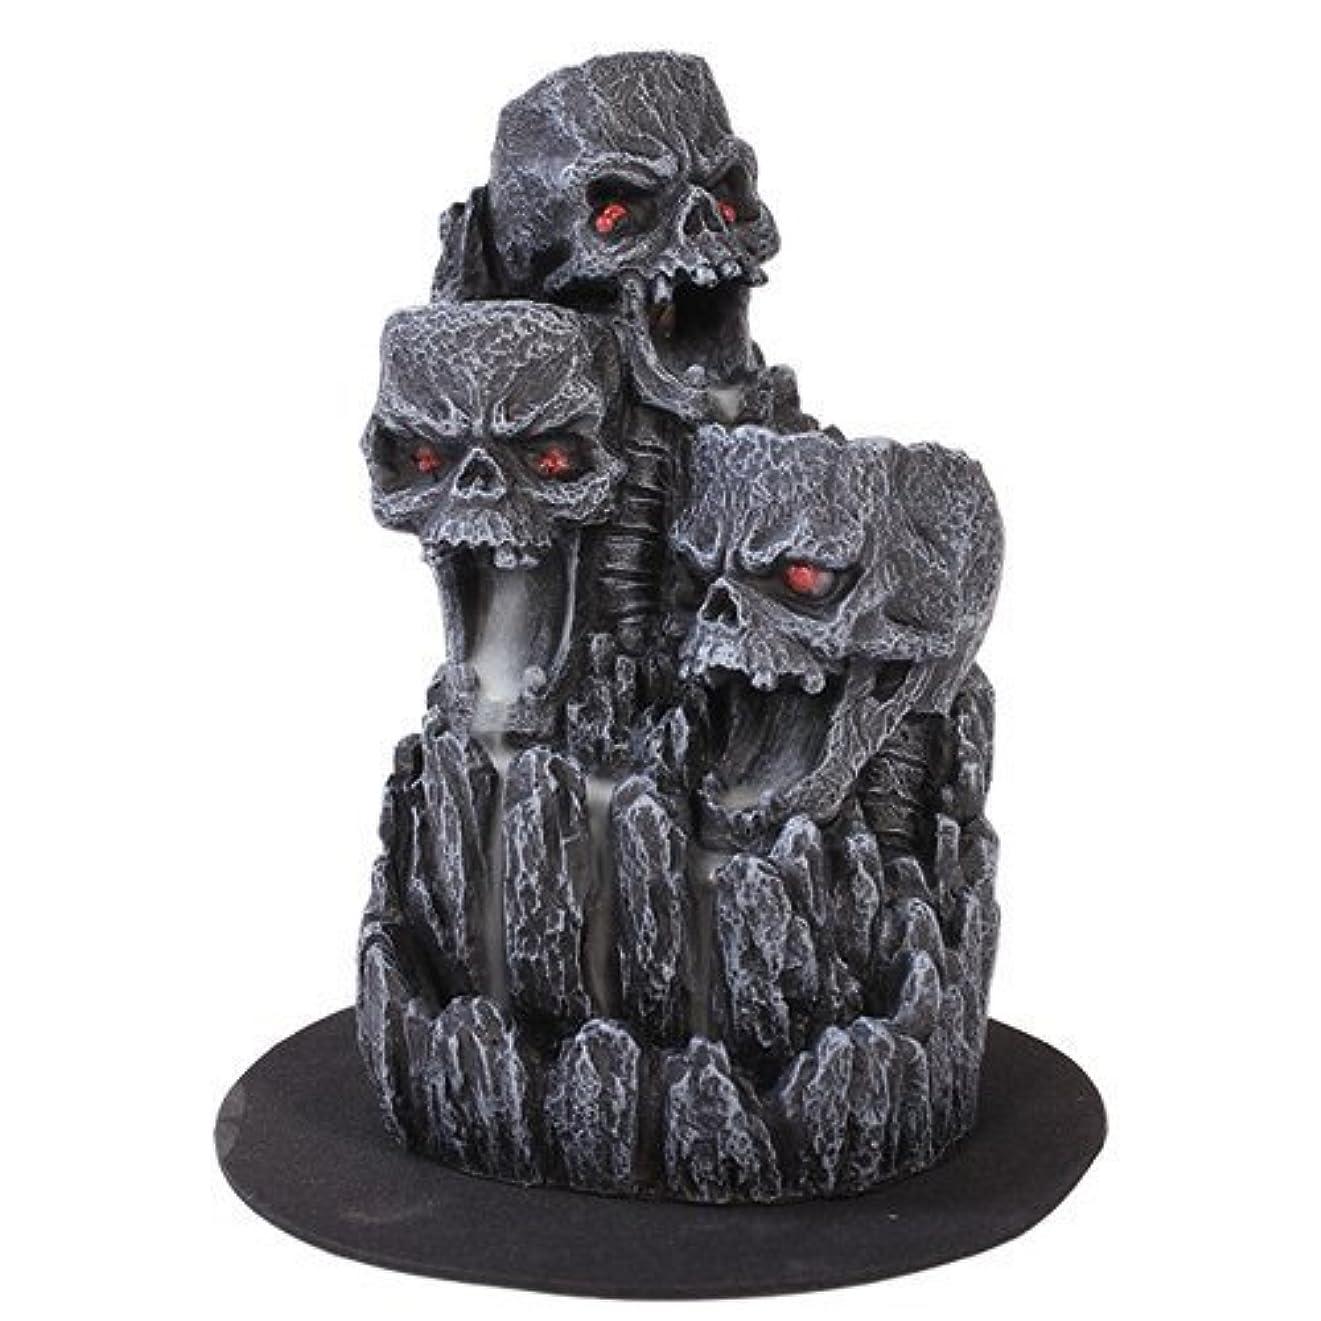 端頂点倉庫ゴシックスカル(お香立て)マウンテンタワー オブジェ Gothic Skull Backflow Incense Tower